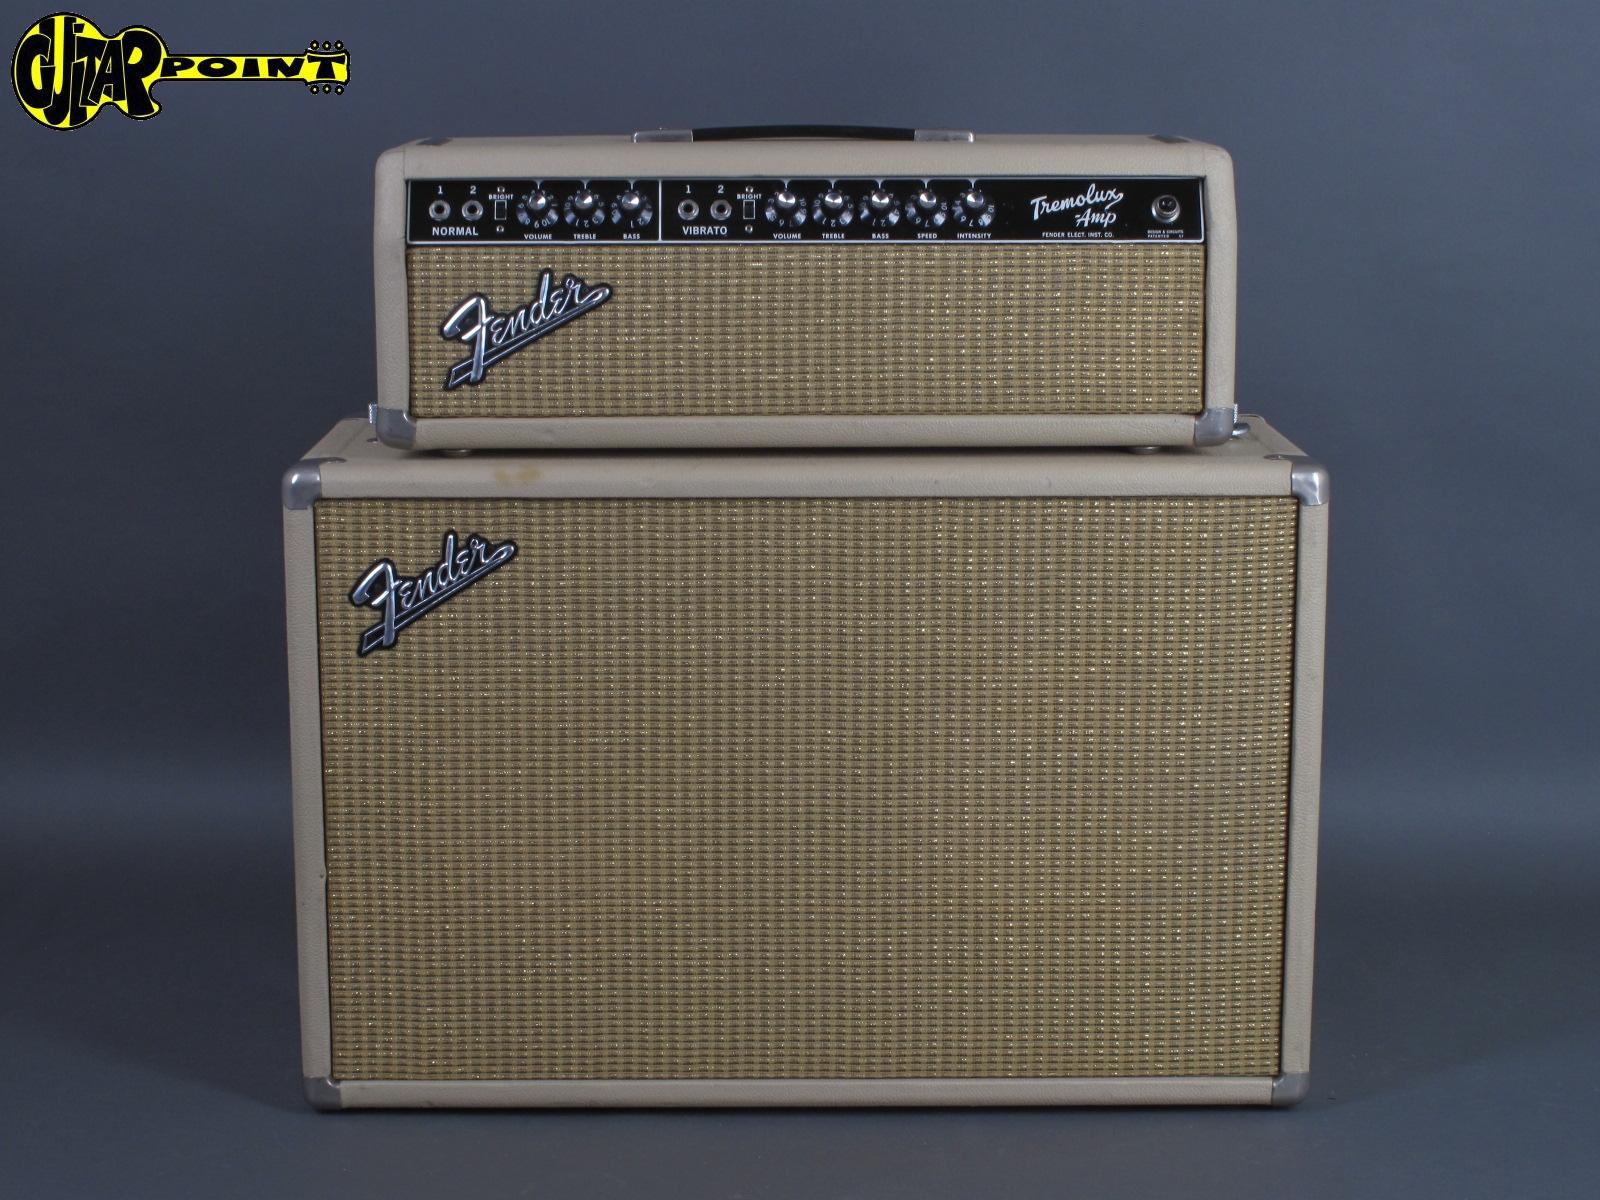 1964 Fender Tremolux + Speaker Cabinet - White Tolex